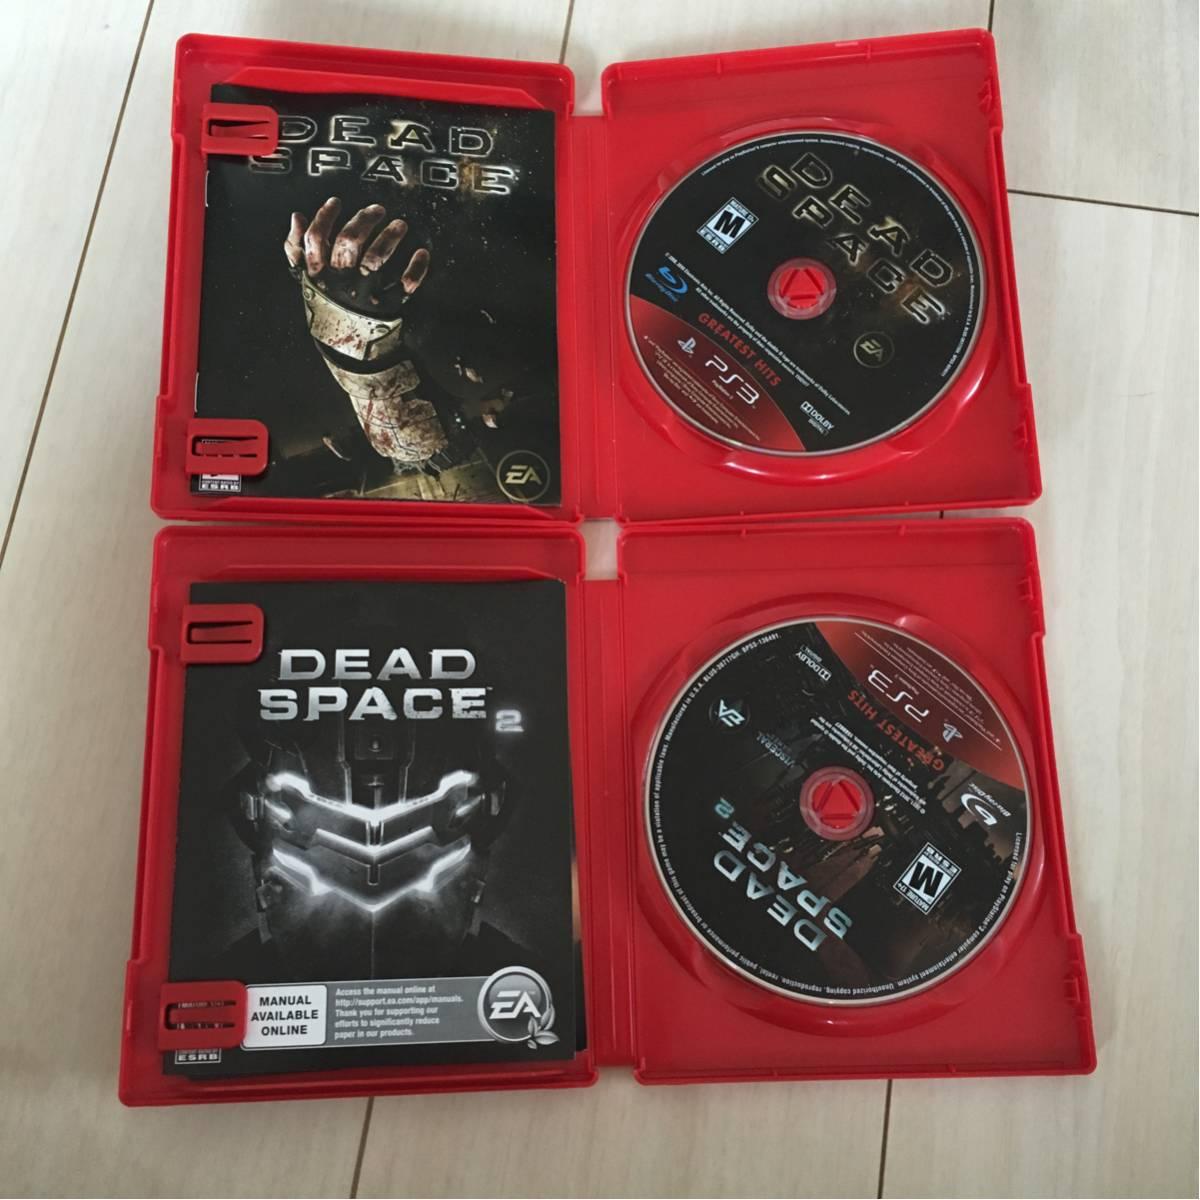 極美品 同梱可 ps3 ソフト 海外版 デッドスペース 1 2 セット DEAD SPACE 国内版ps3動作可_画像2